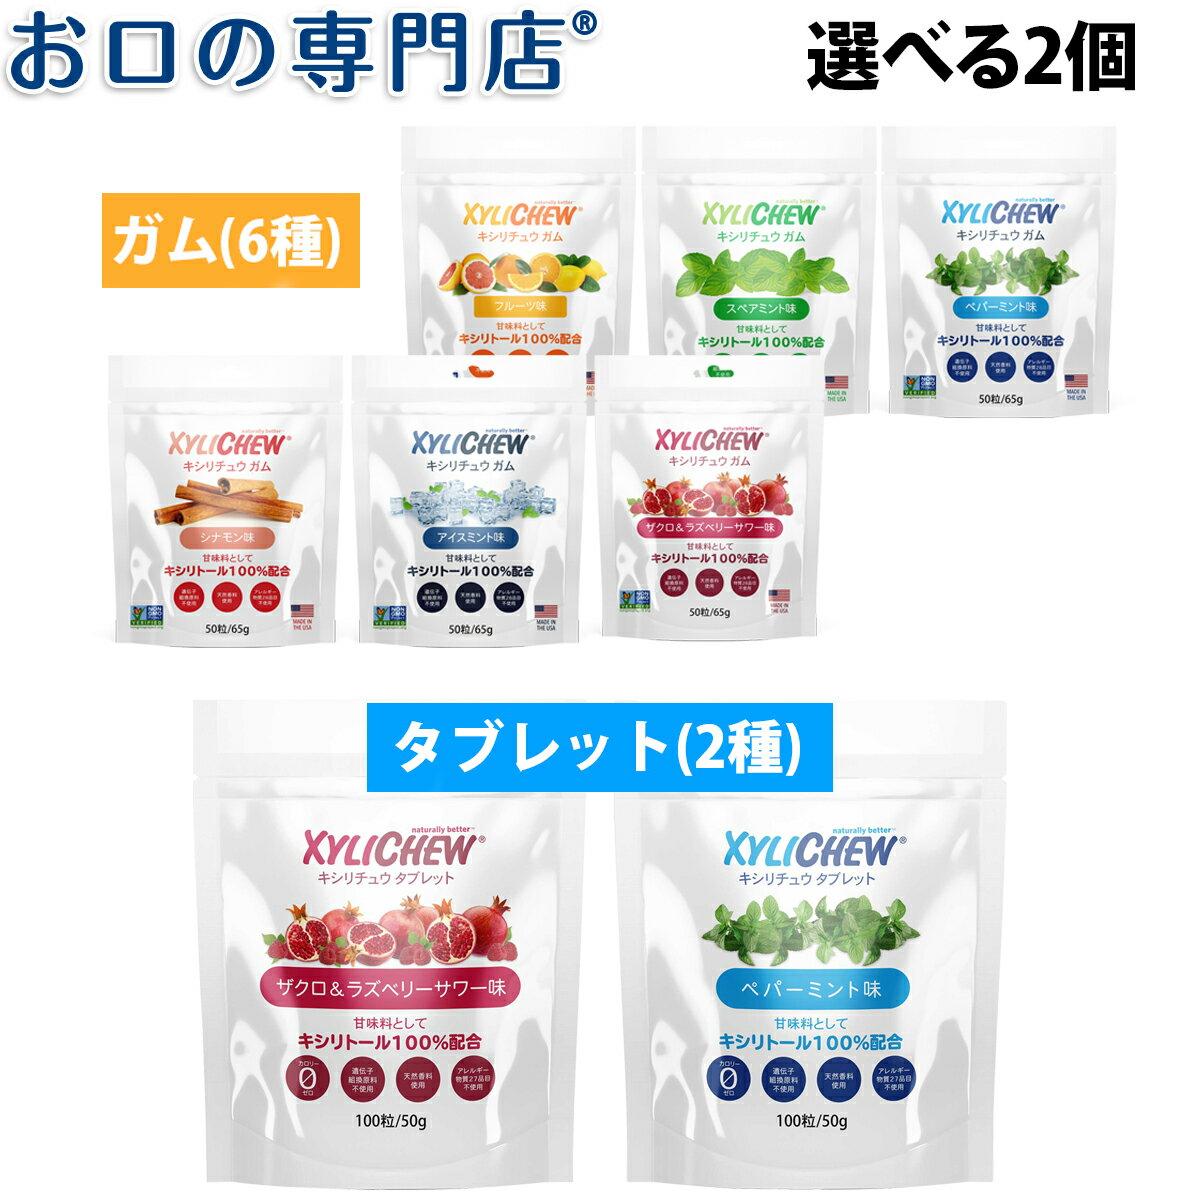 キシリトール100%◆Xylichew(キシリチュウ)ボトル タブレット・ガム×2個セット【宅配便送料無料】